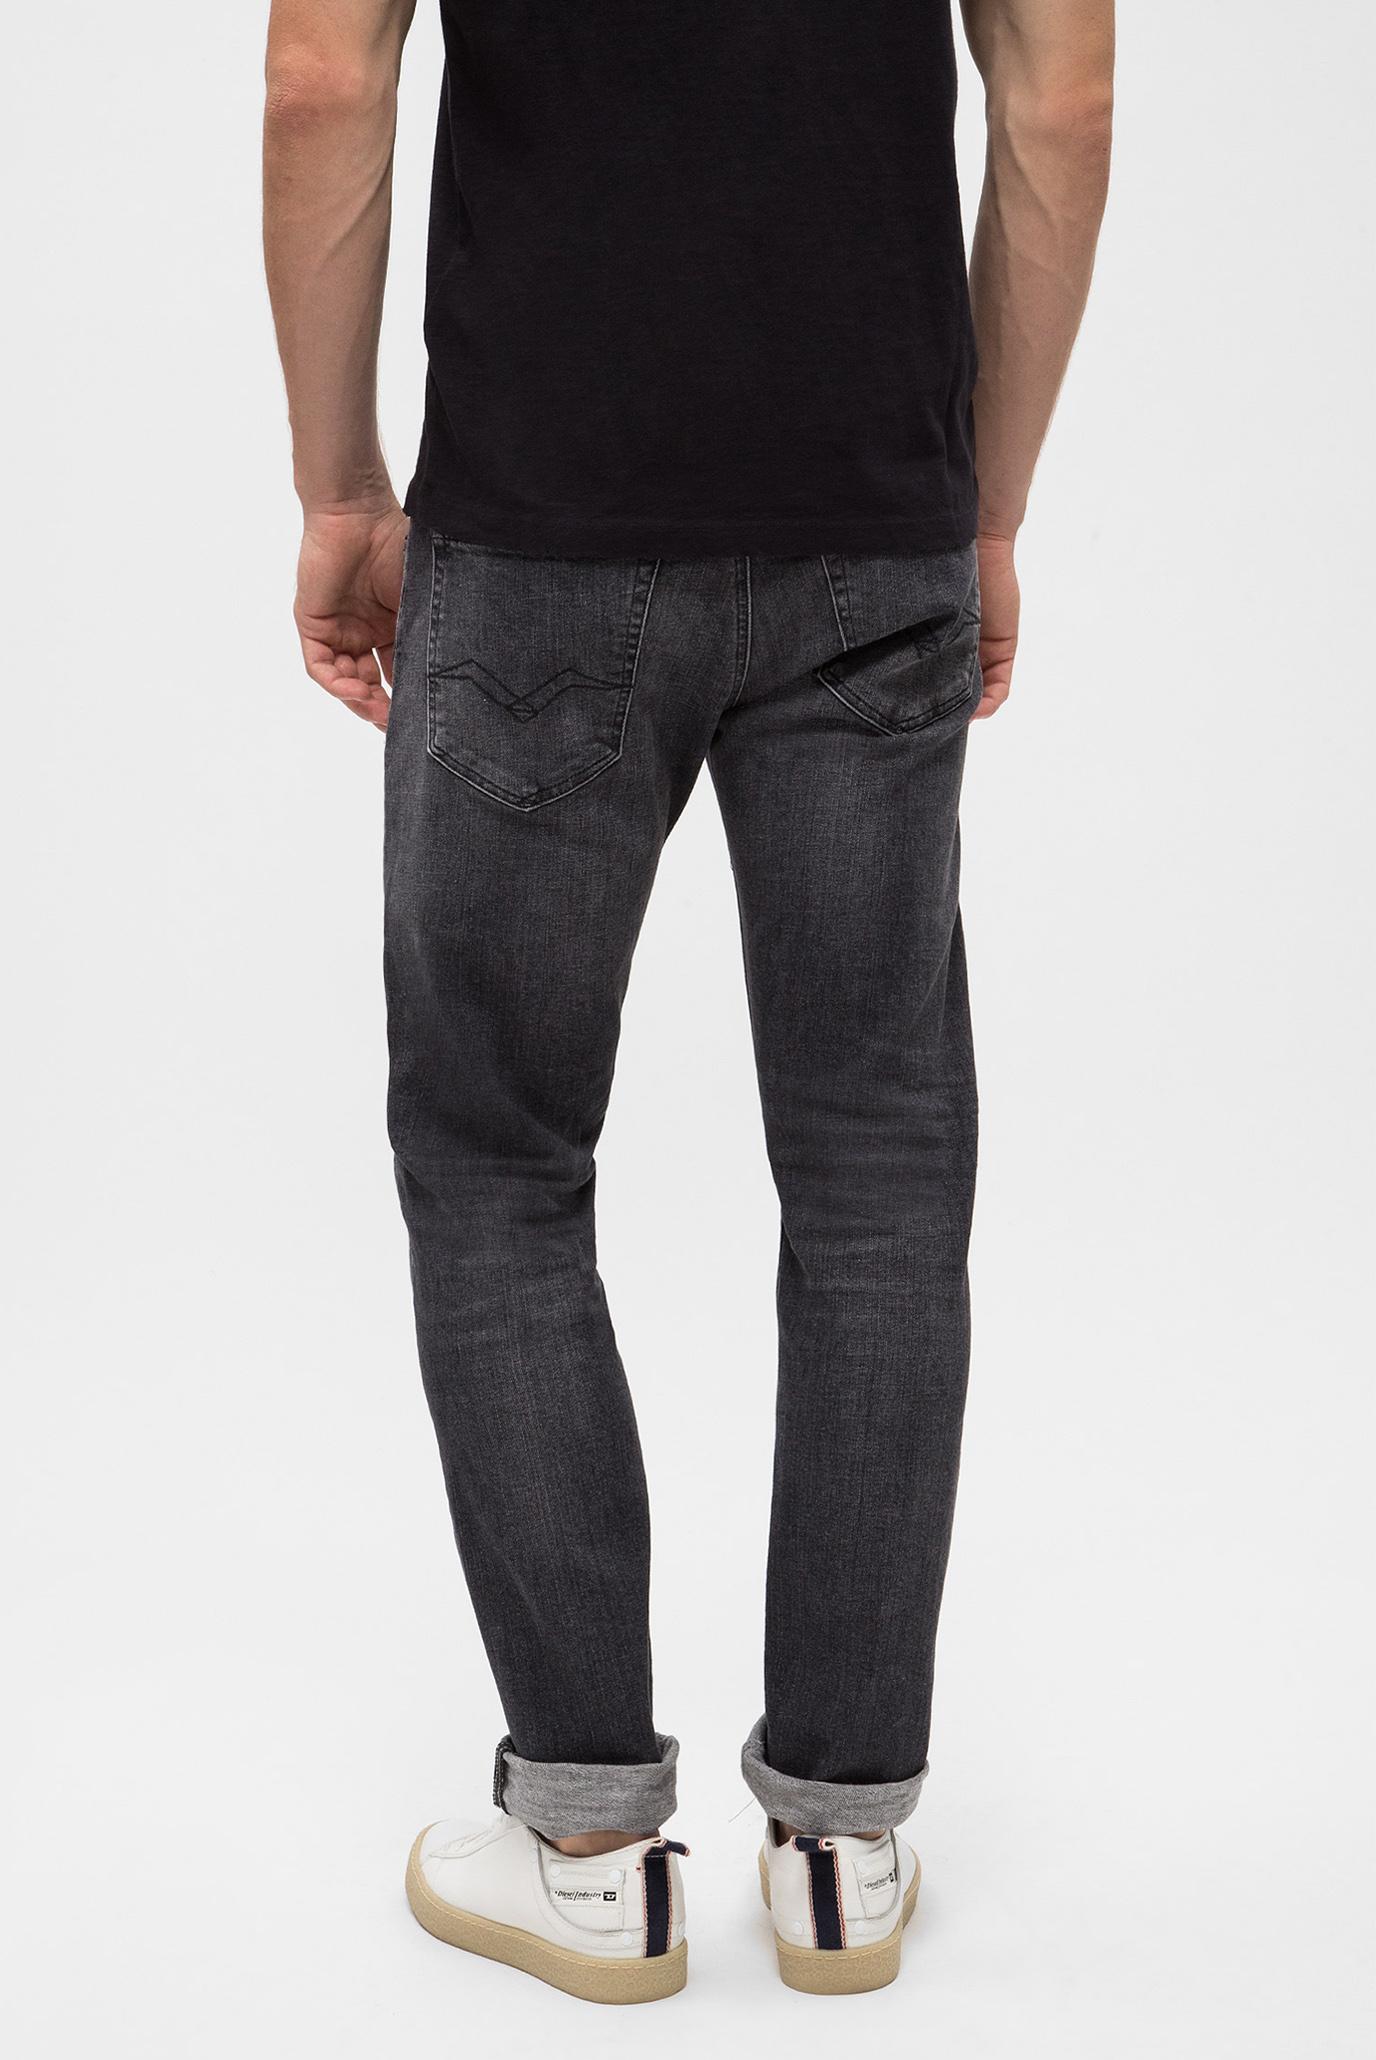 Купить Мужские серые джинсы GROVER Replay Replay MA972 .000.145 382 – Киев, Украина. Цены в интернет магазине MD Fashion